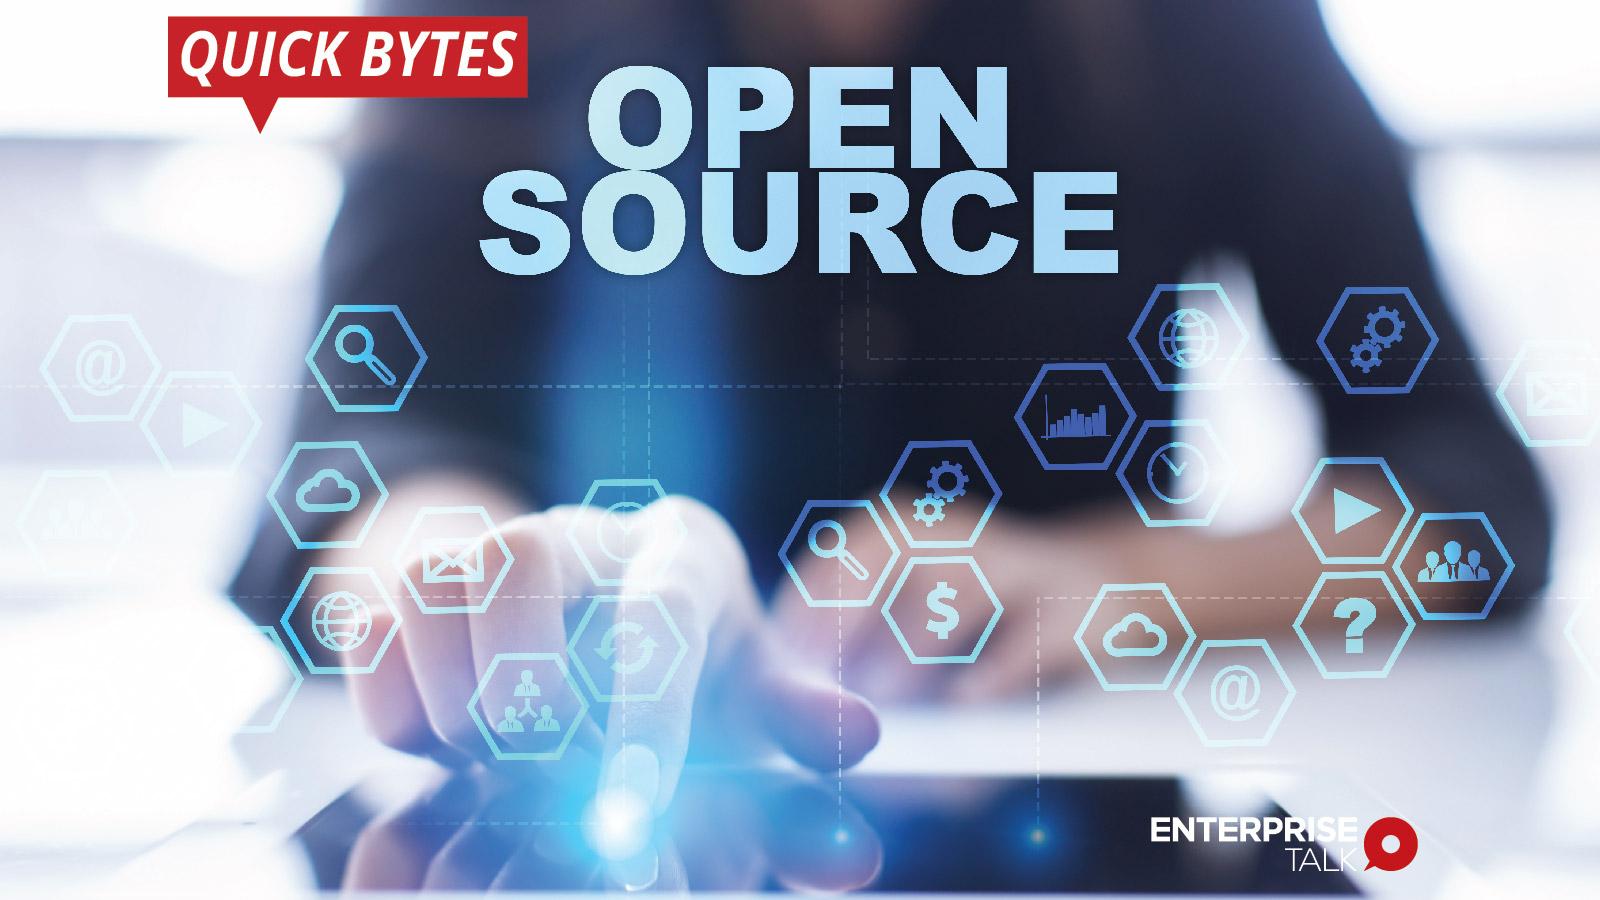 Customer-driven, Open Source Platform, Walmart, Lyft, Airbnb, Open-source software